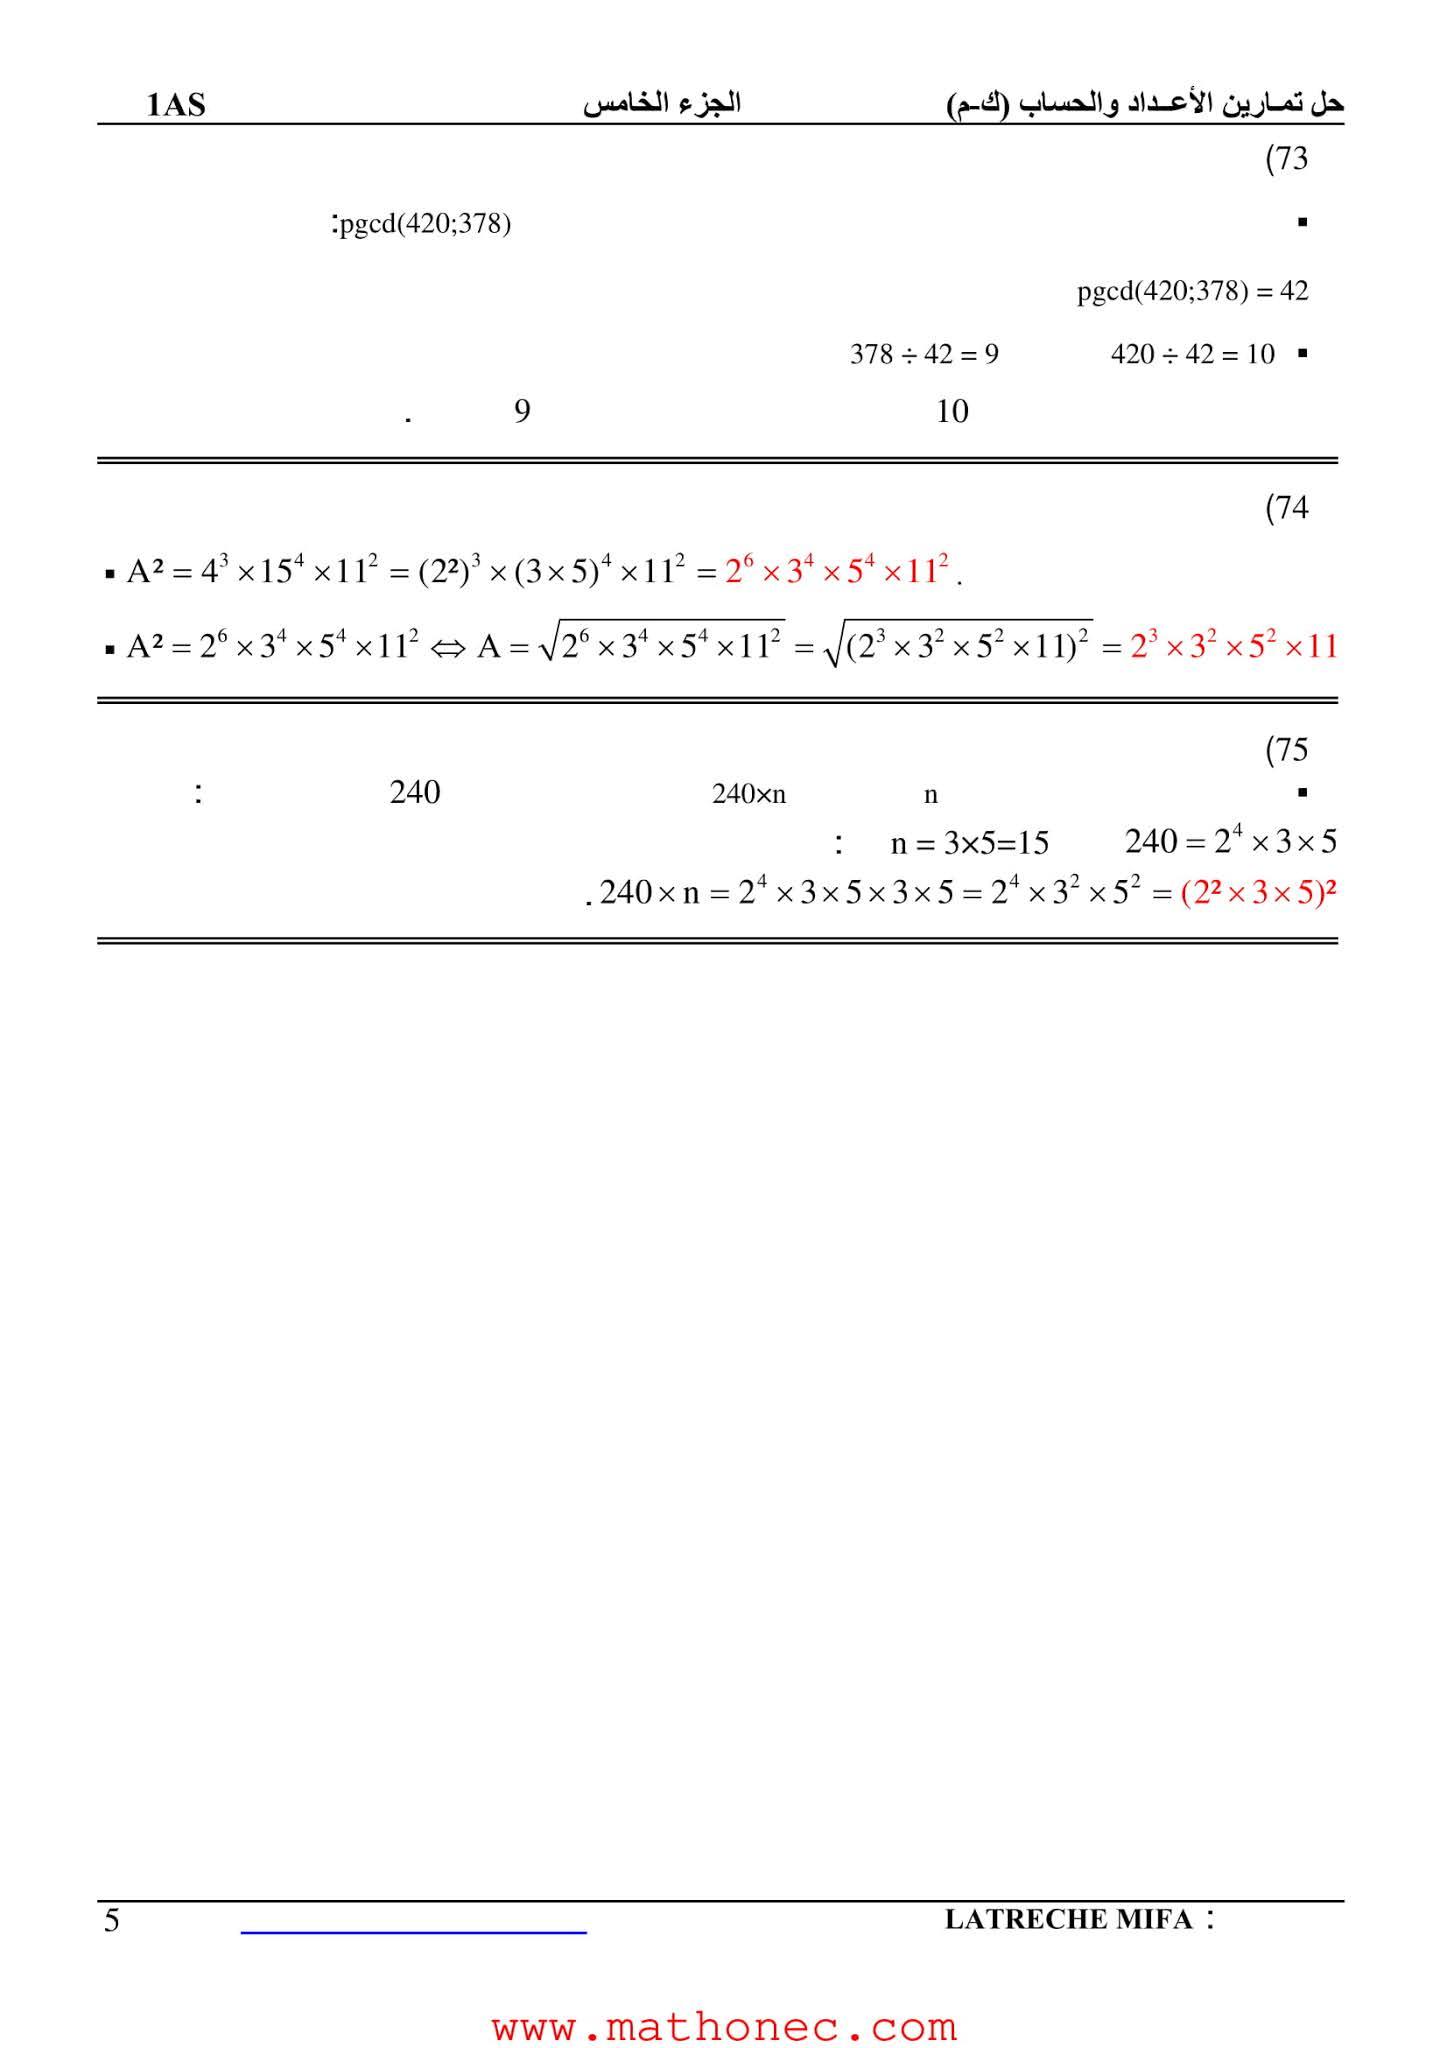 حل تمارين كتاب الرياضيات 1 ثانوي علمي صفحة 23